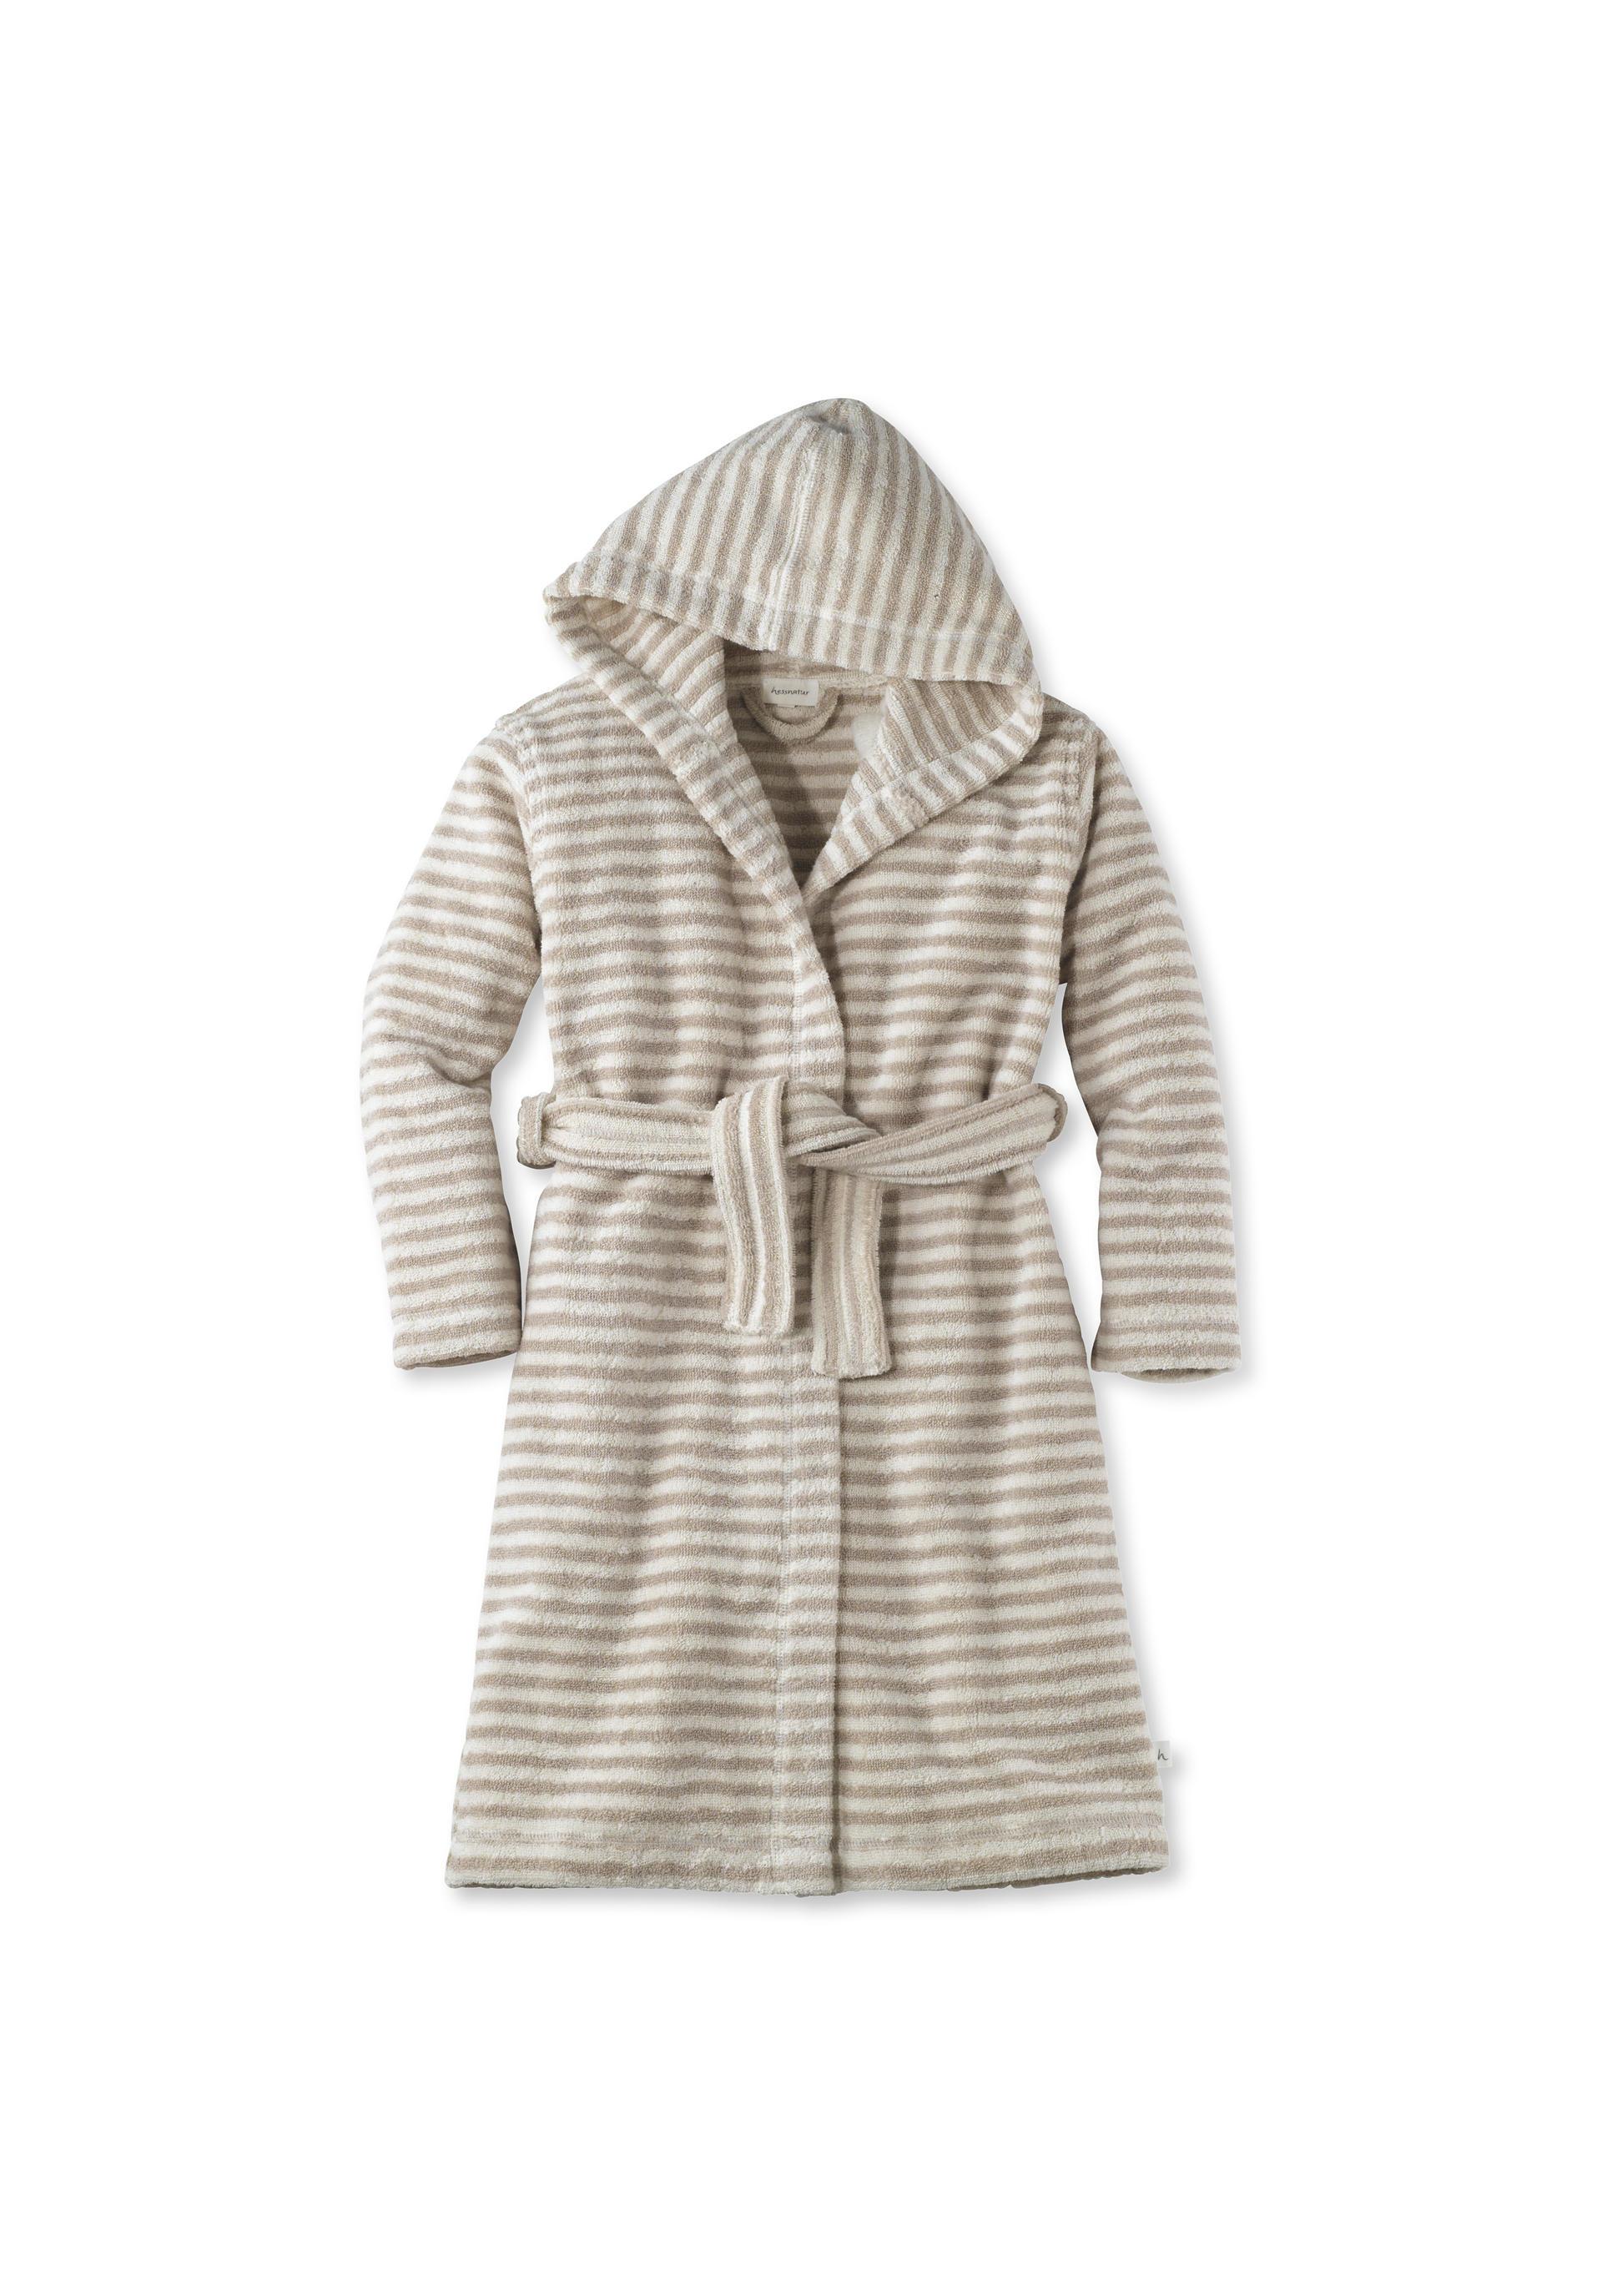 Suche nach Beamten Rabatt zum Verkauf populärer Stil Bademantel aus reiner Bio-Baumwolle von hessnatur